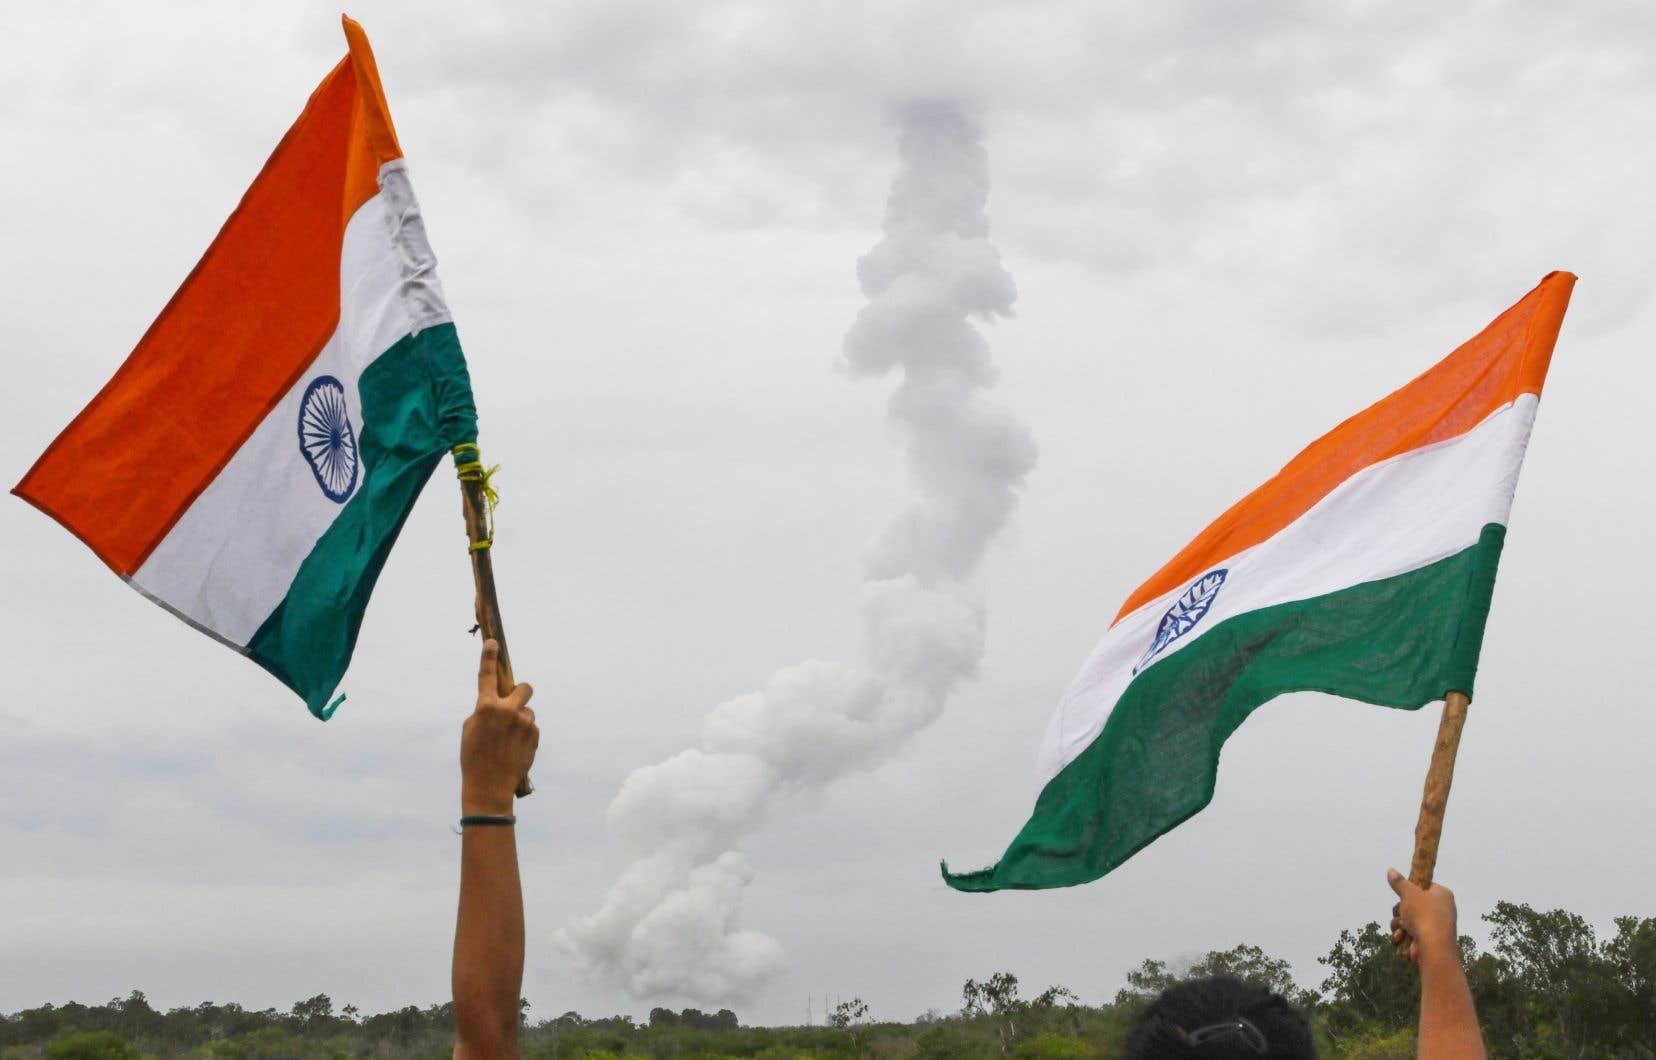 Plusieurs Indiens se sont réunis lors du lancementde la fusée GSLV-MkIII sur le site del'agence spatiale indienne ISRO.